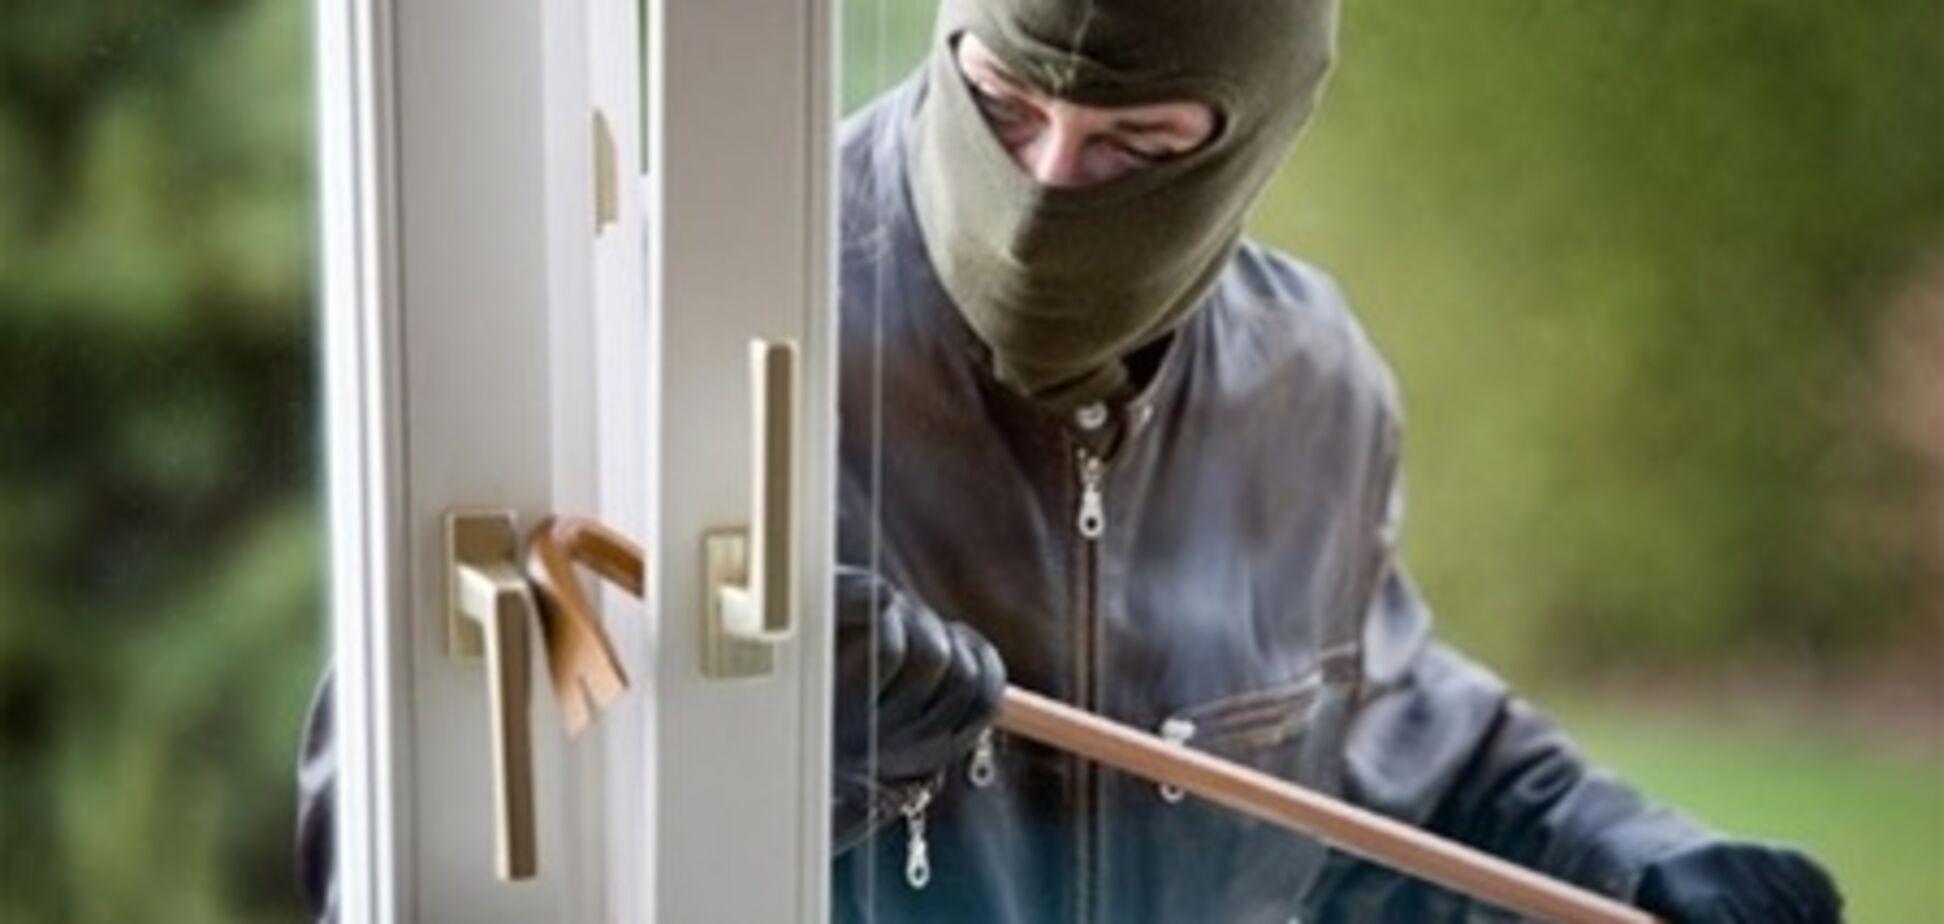 На Киевщине ограбили дом чиновника из аппарата премьера - СМИ